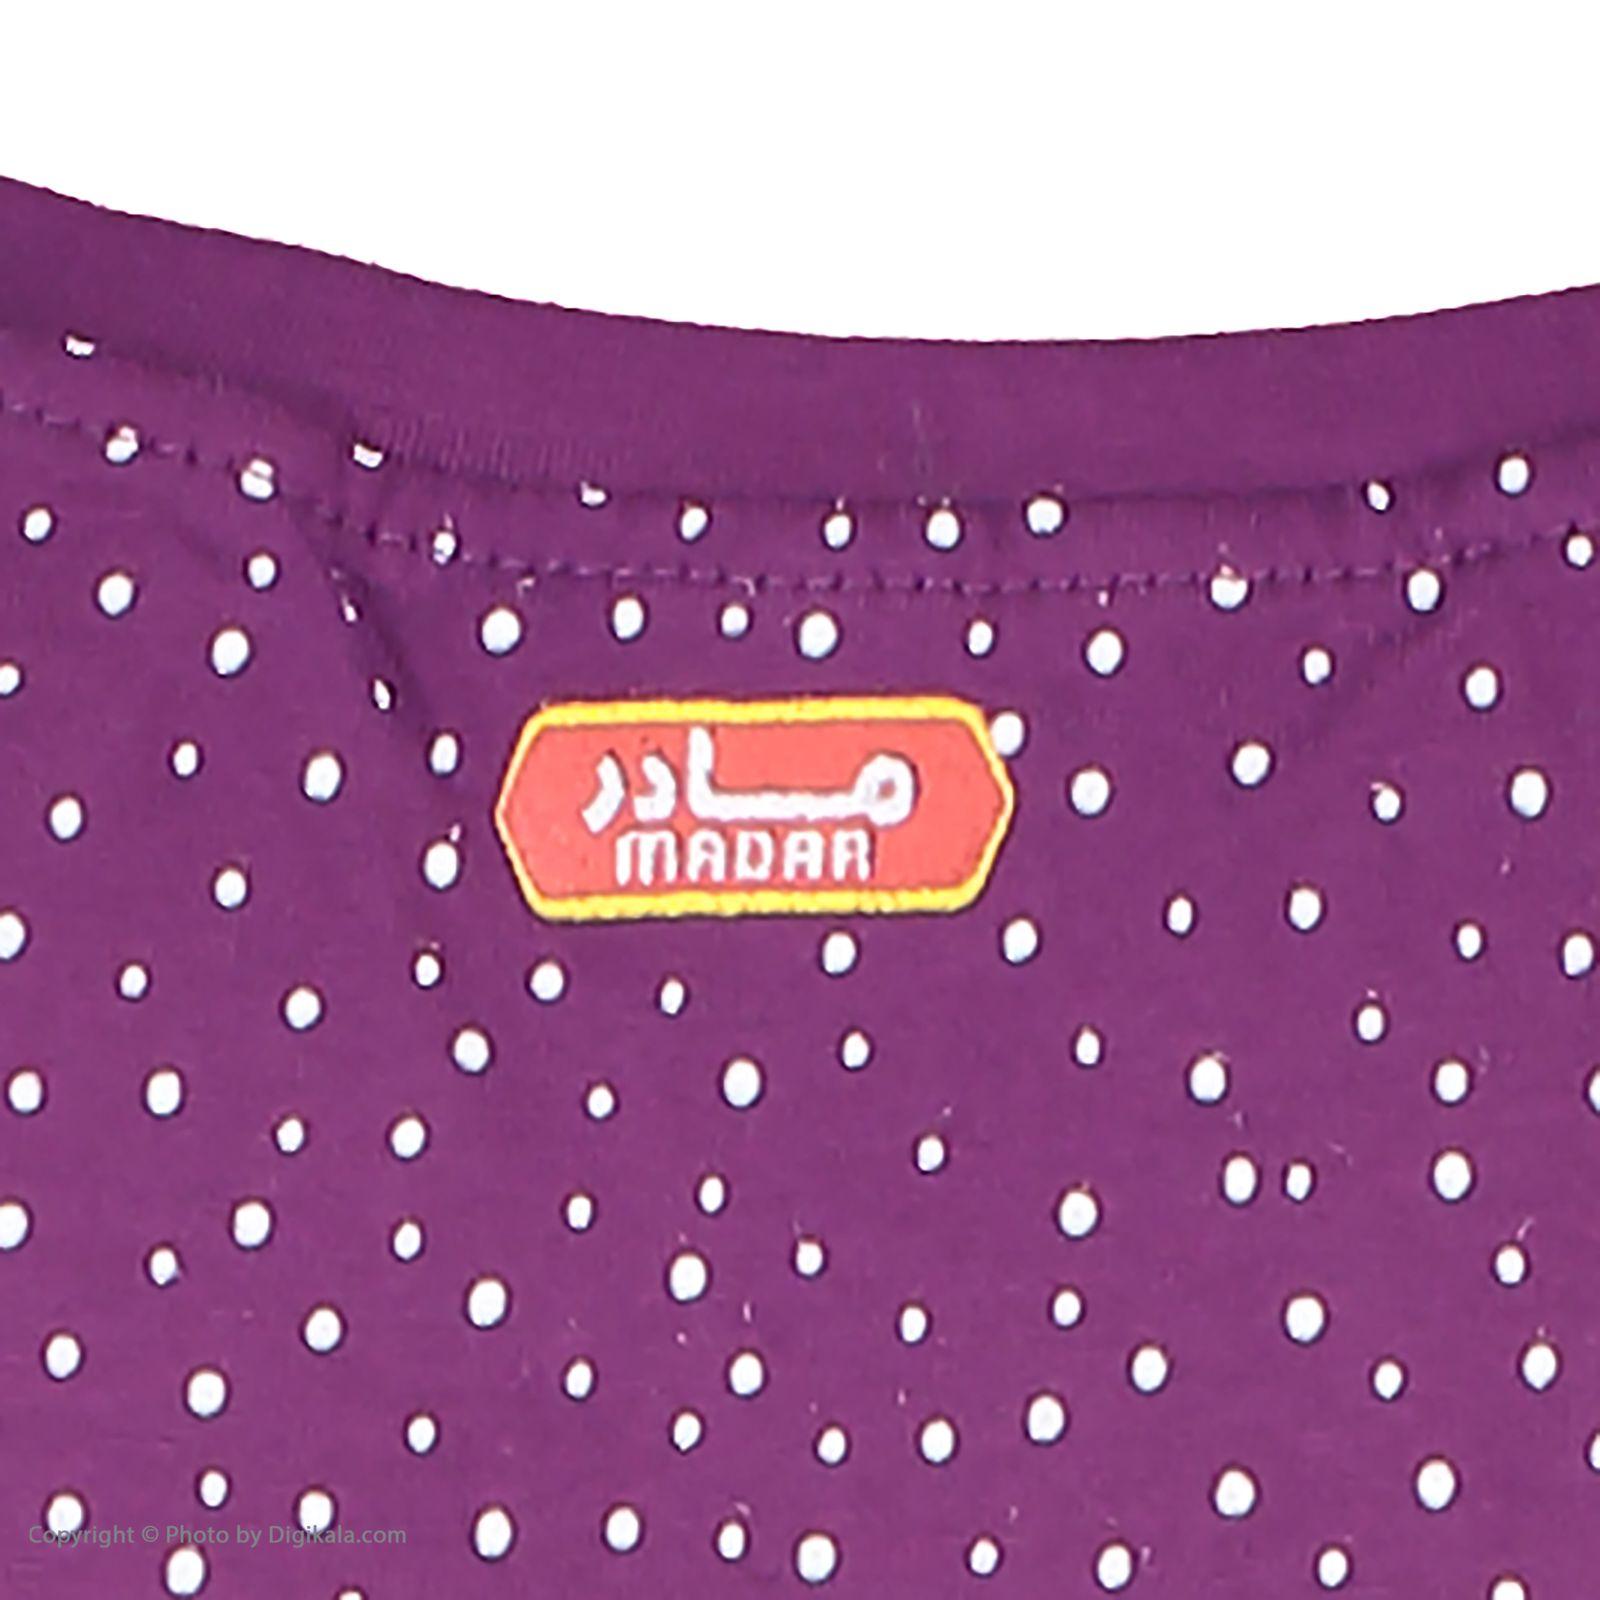 ست تی شرت و شلوارک راحتی زنانه مادر مدل 2041102-84 -  - 8